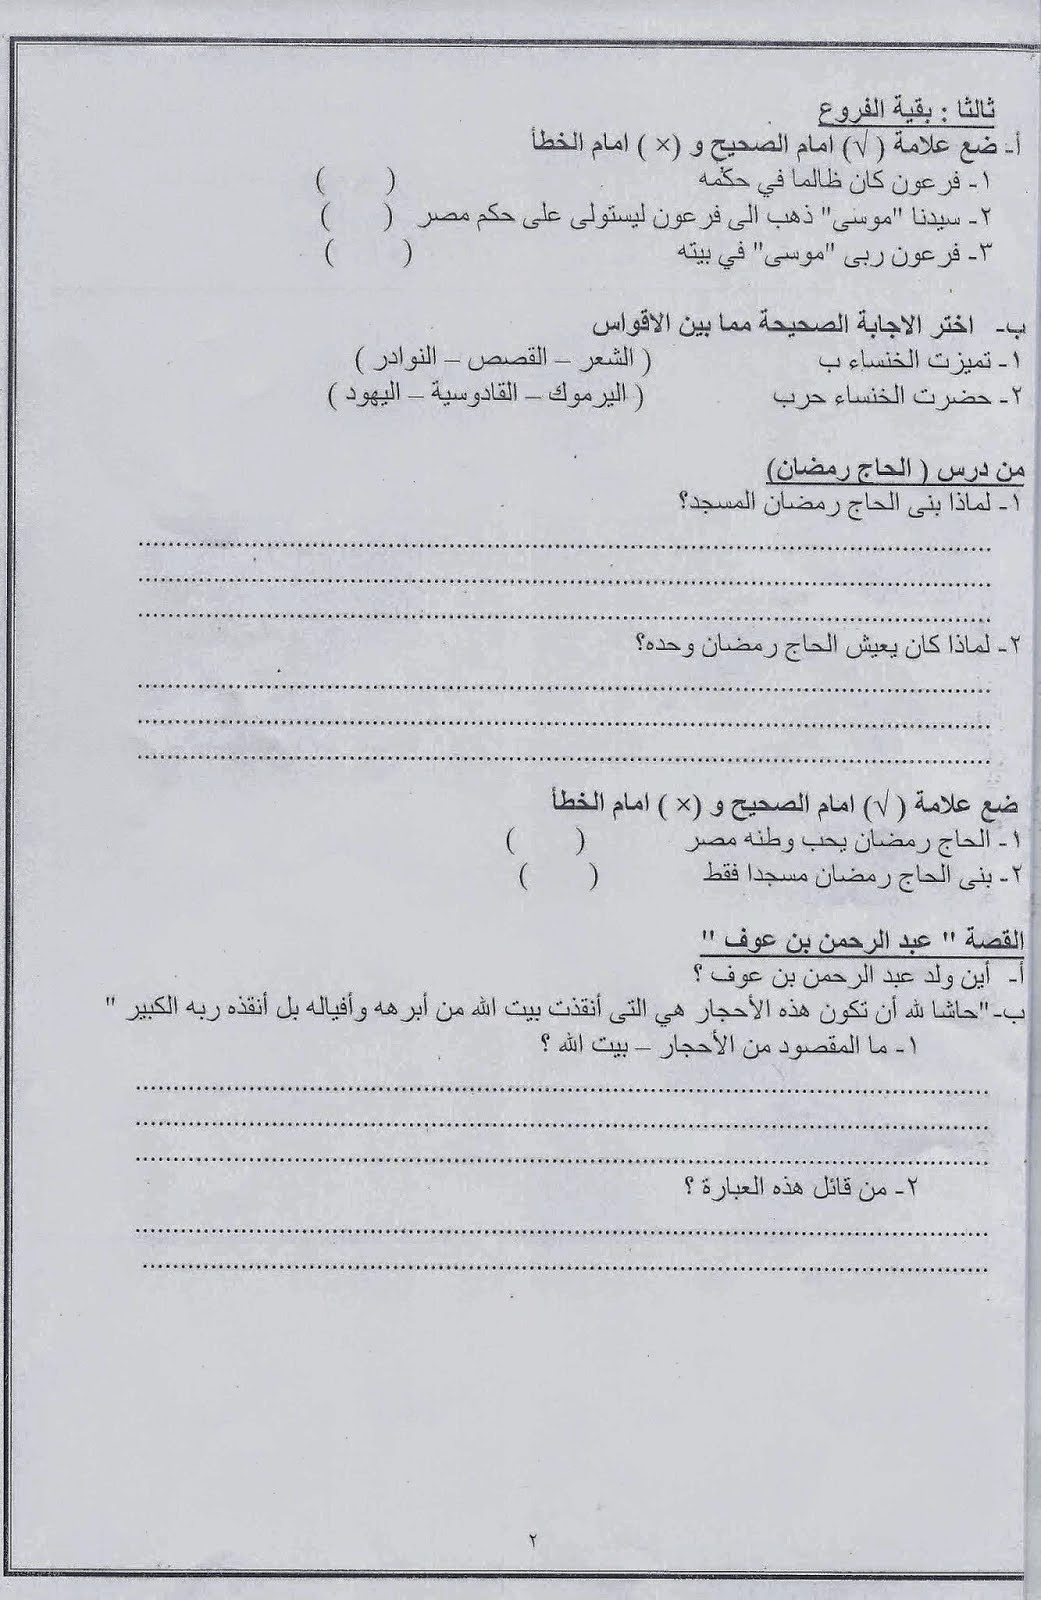 امتحانات كل مواد الصف الخامس الابتدائي الترم الأول 2015 مدارس مصر حكومى و لغات scan0100.jpg